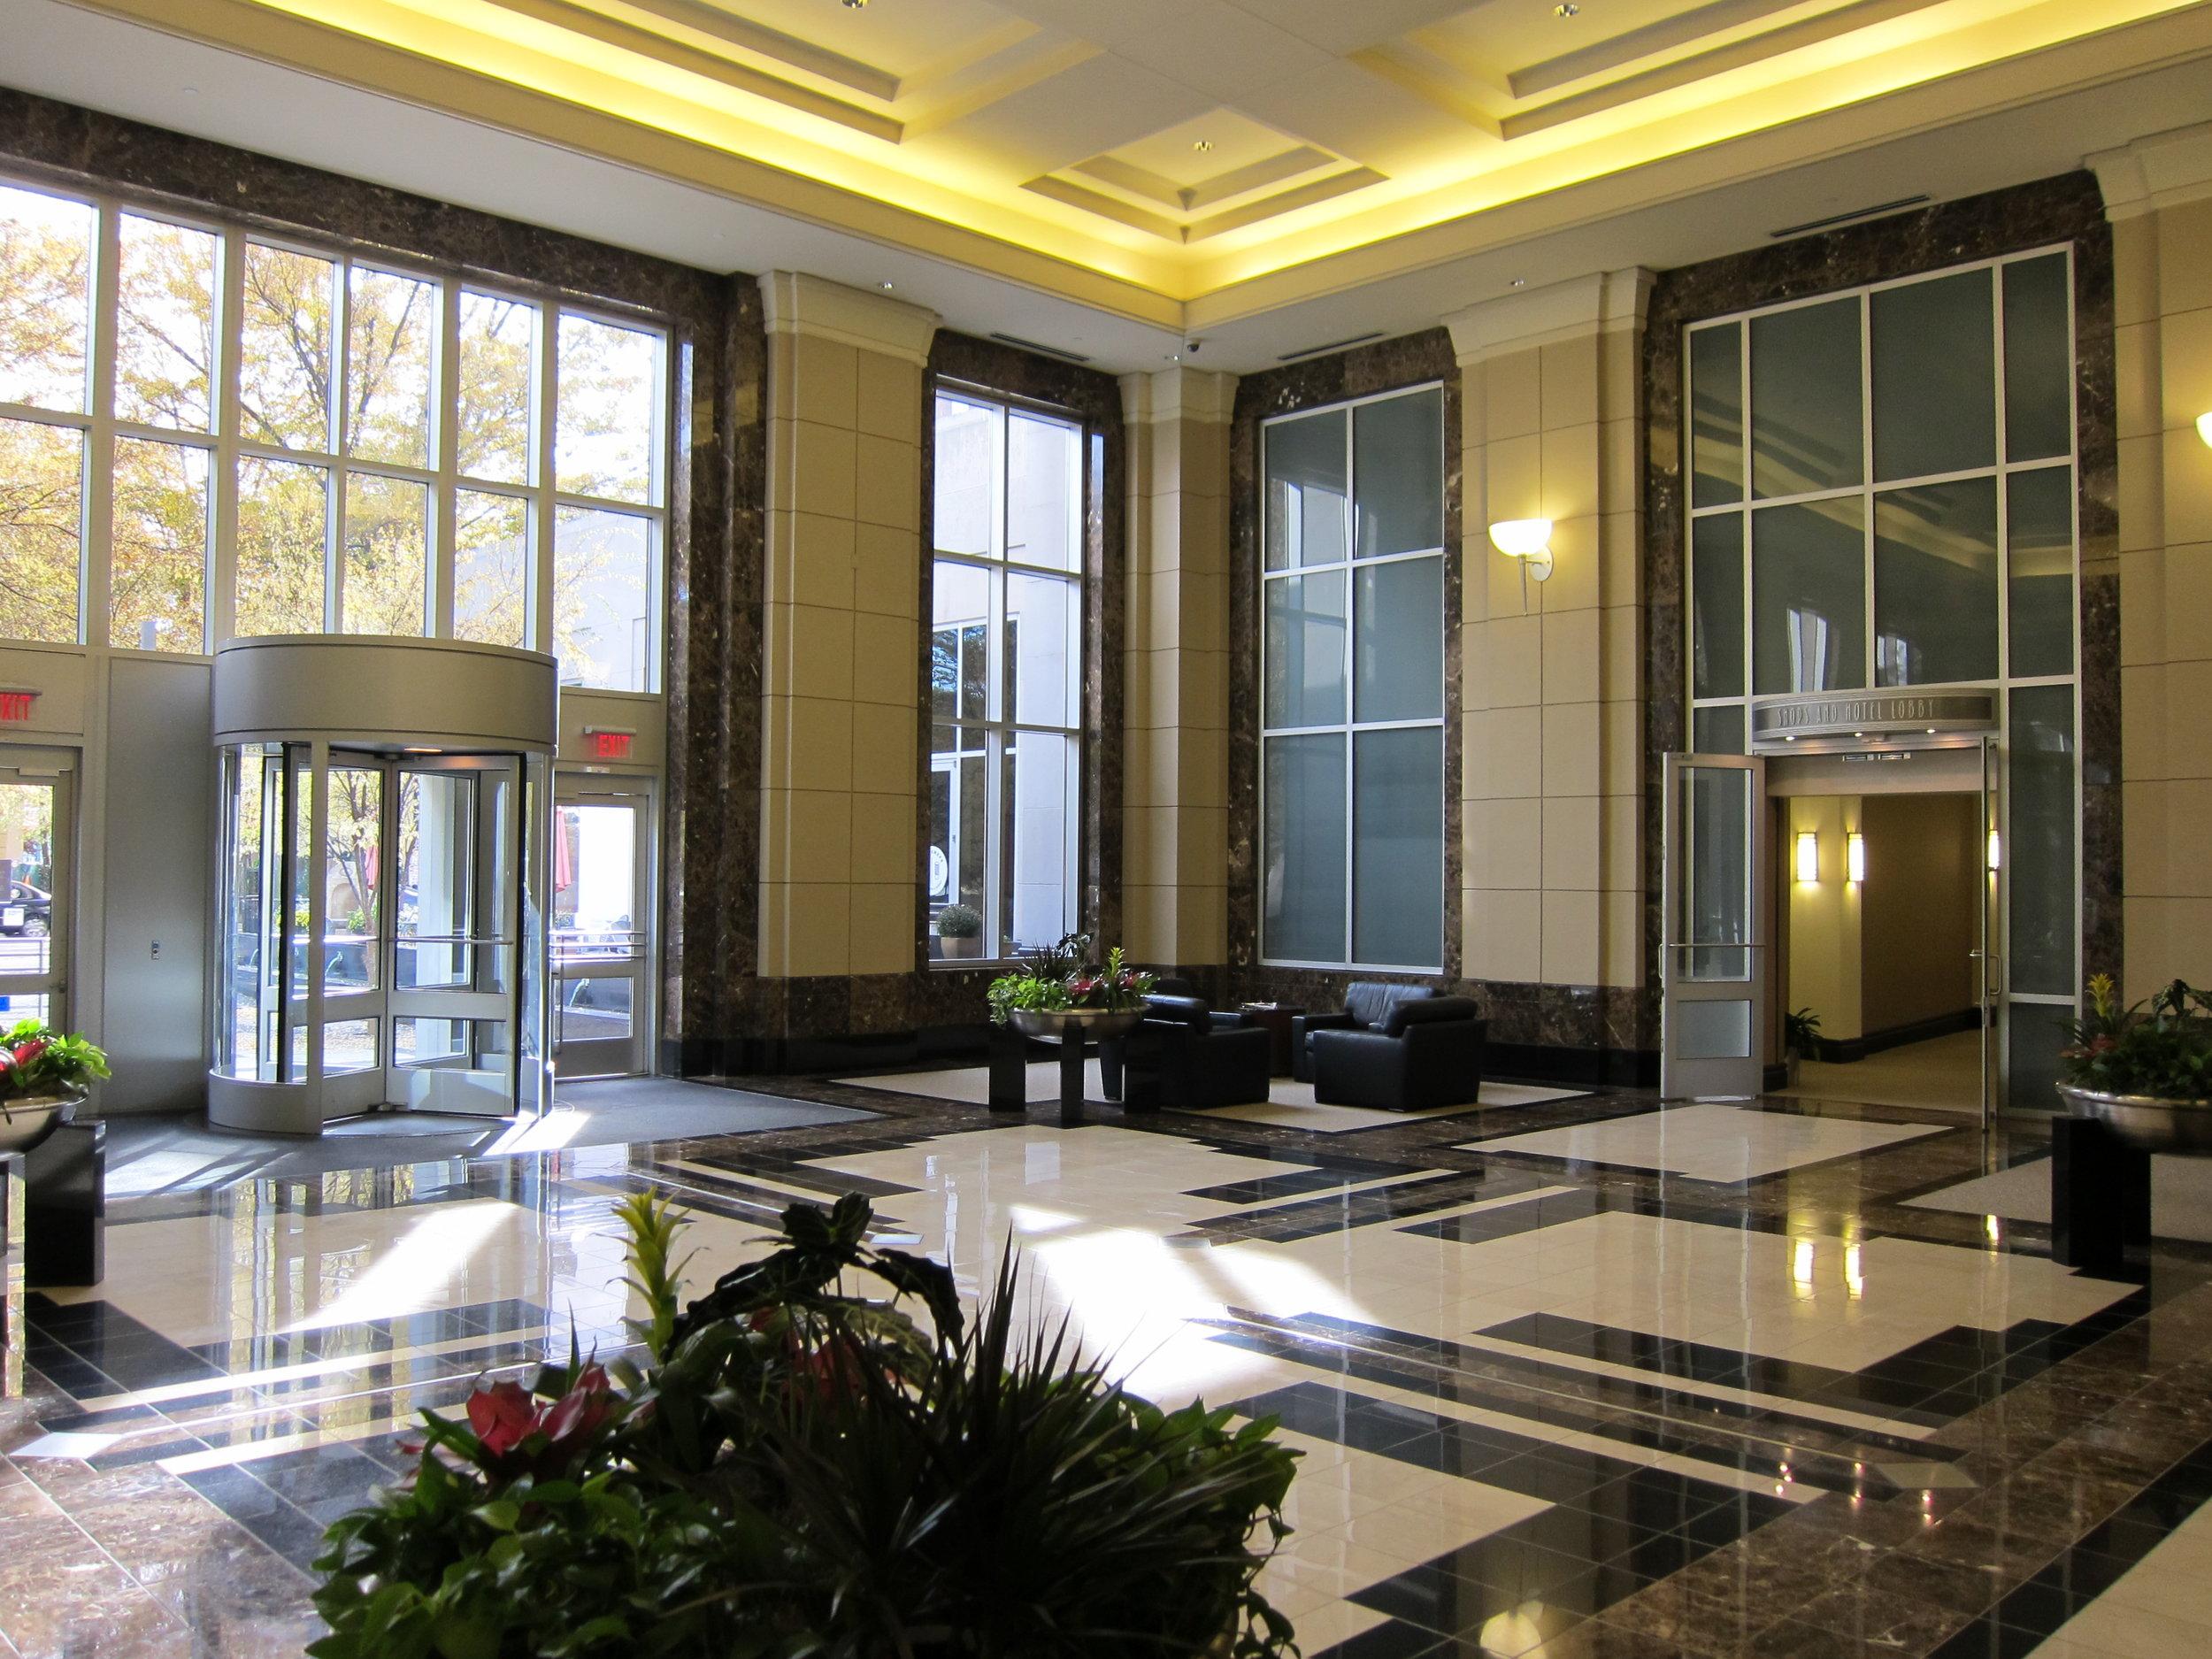 Poinset Plaza Lobby.JPG